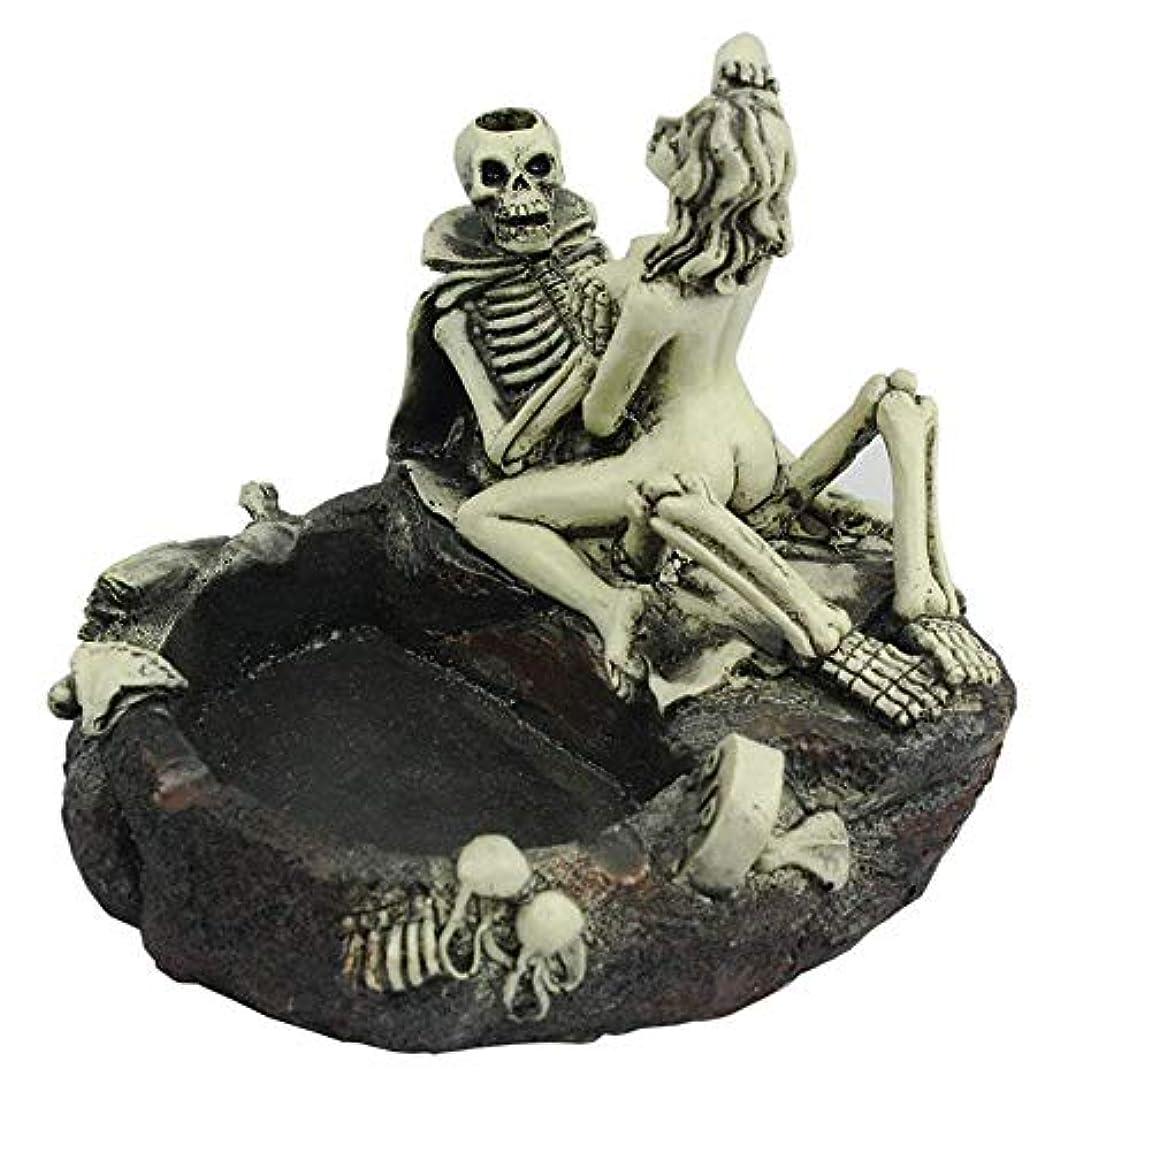 任意創始者収束創造的な人格スケルトンのテーマ灰皿のスケルトン美しさの楽しい灰皿ボーイフレンドの楽しい装飾のギフトを送る